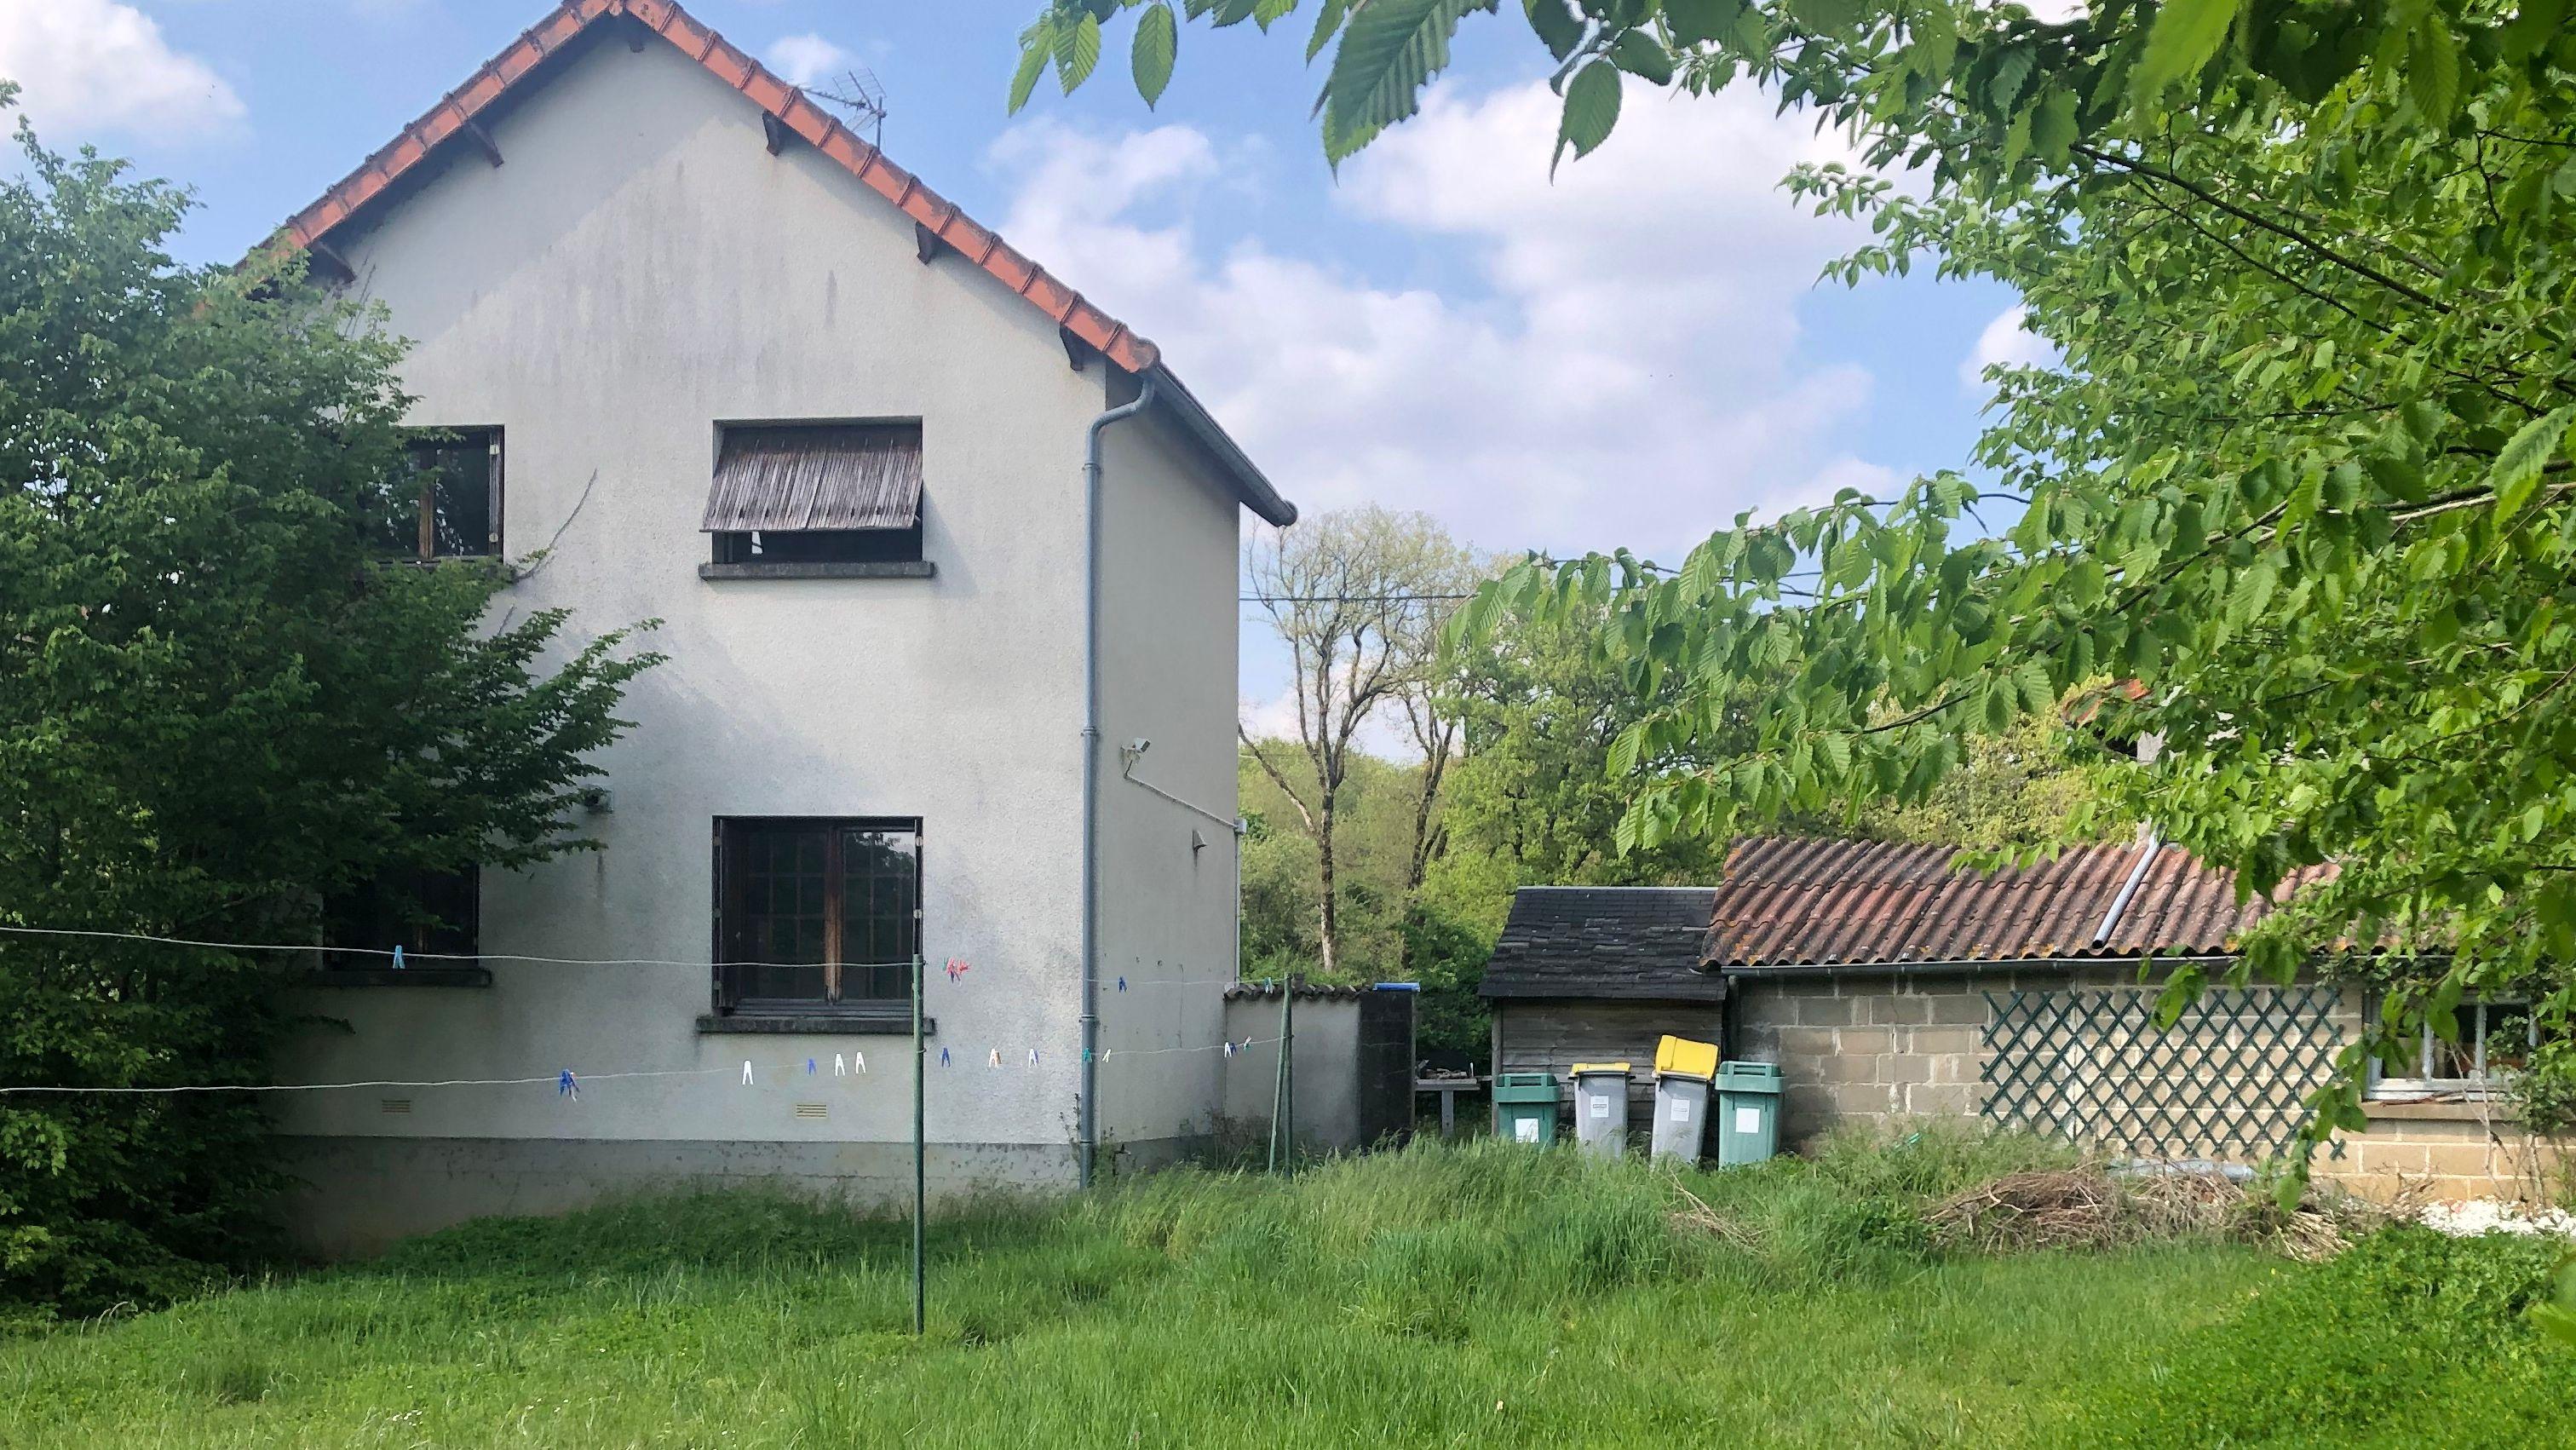 Vouneuil-sous-Biard (86580)